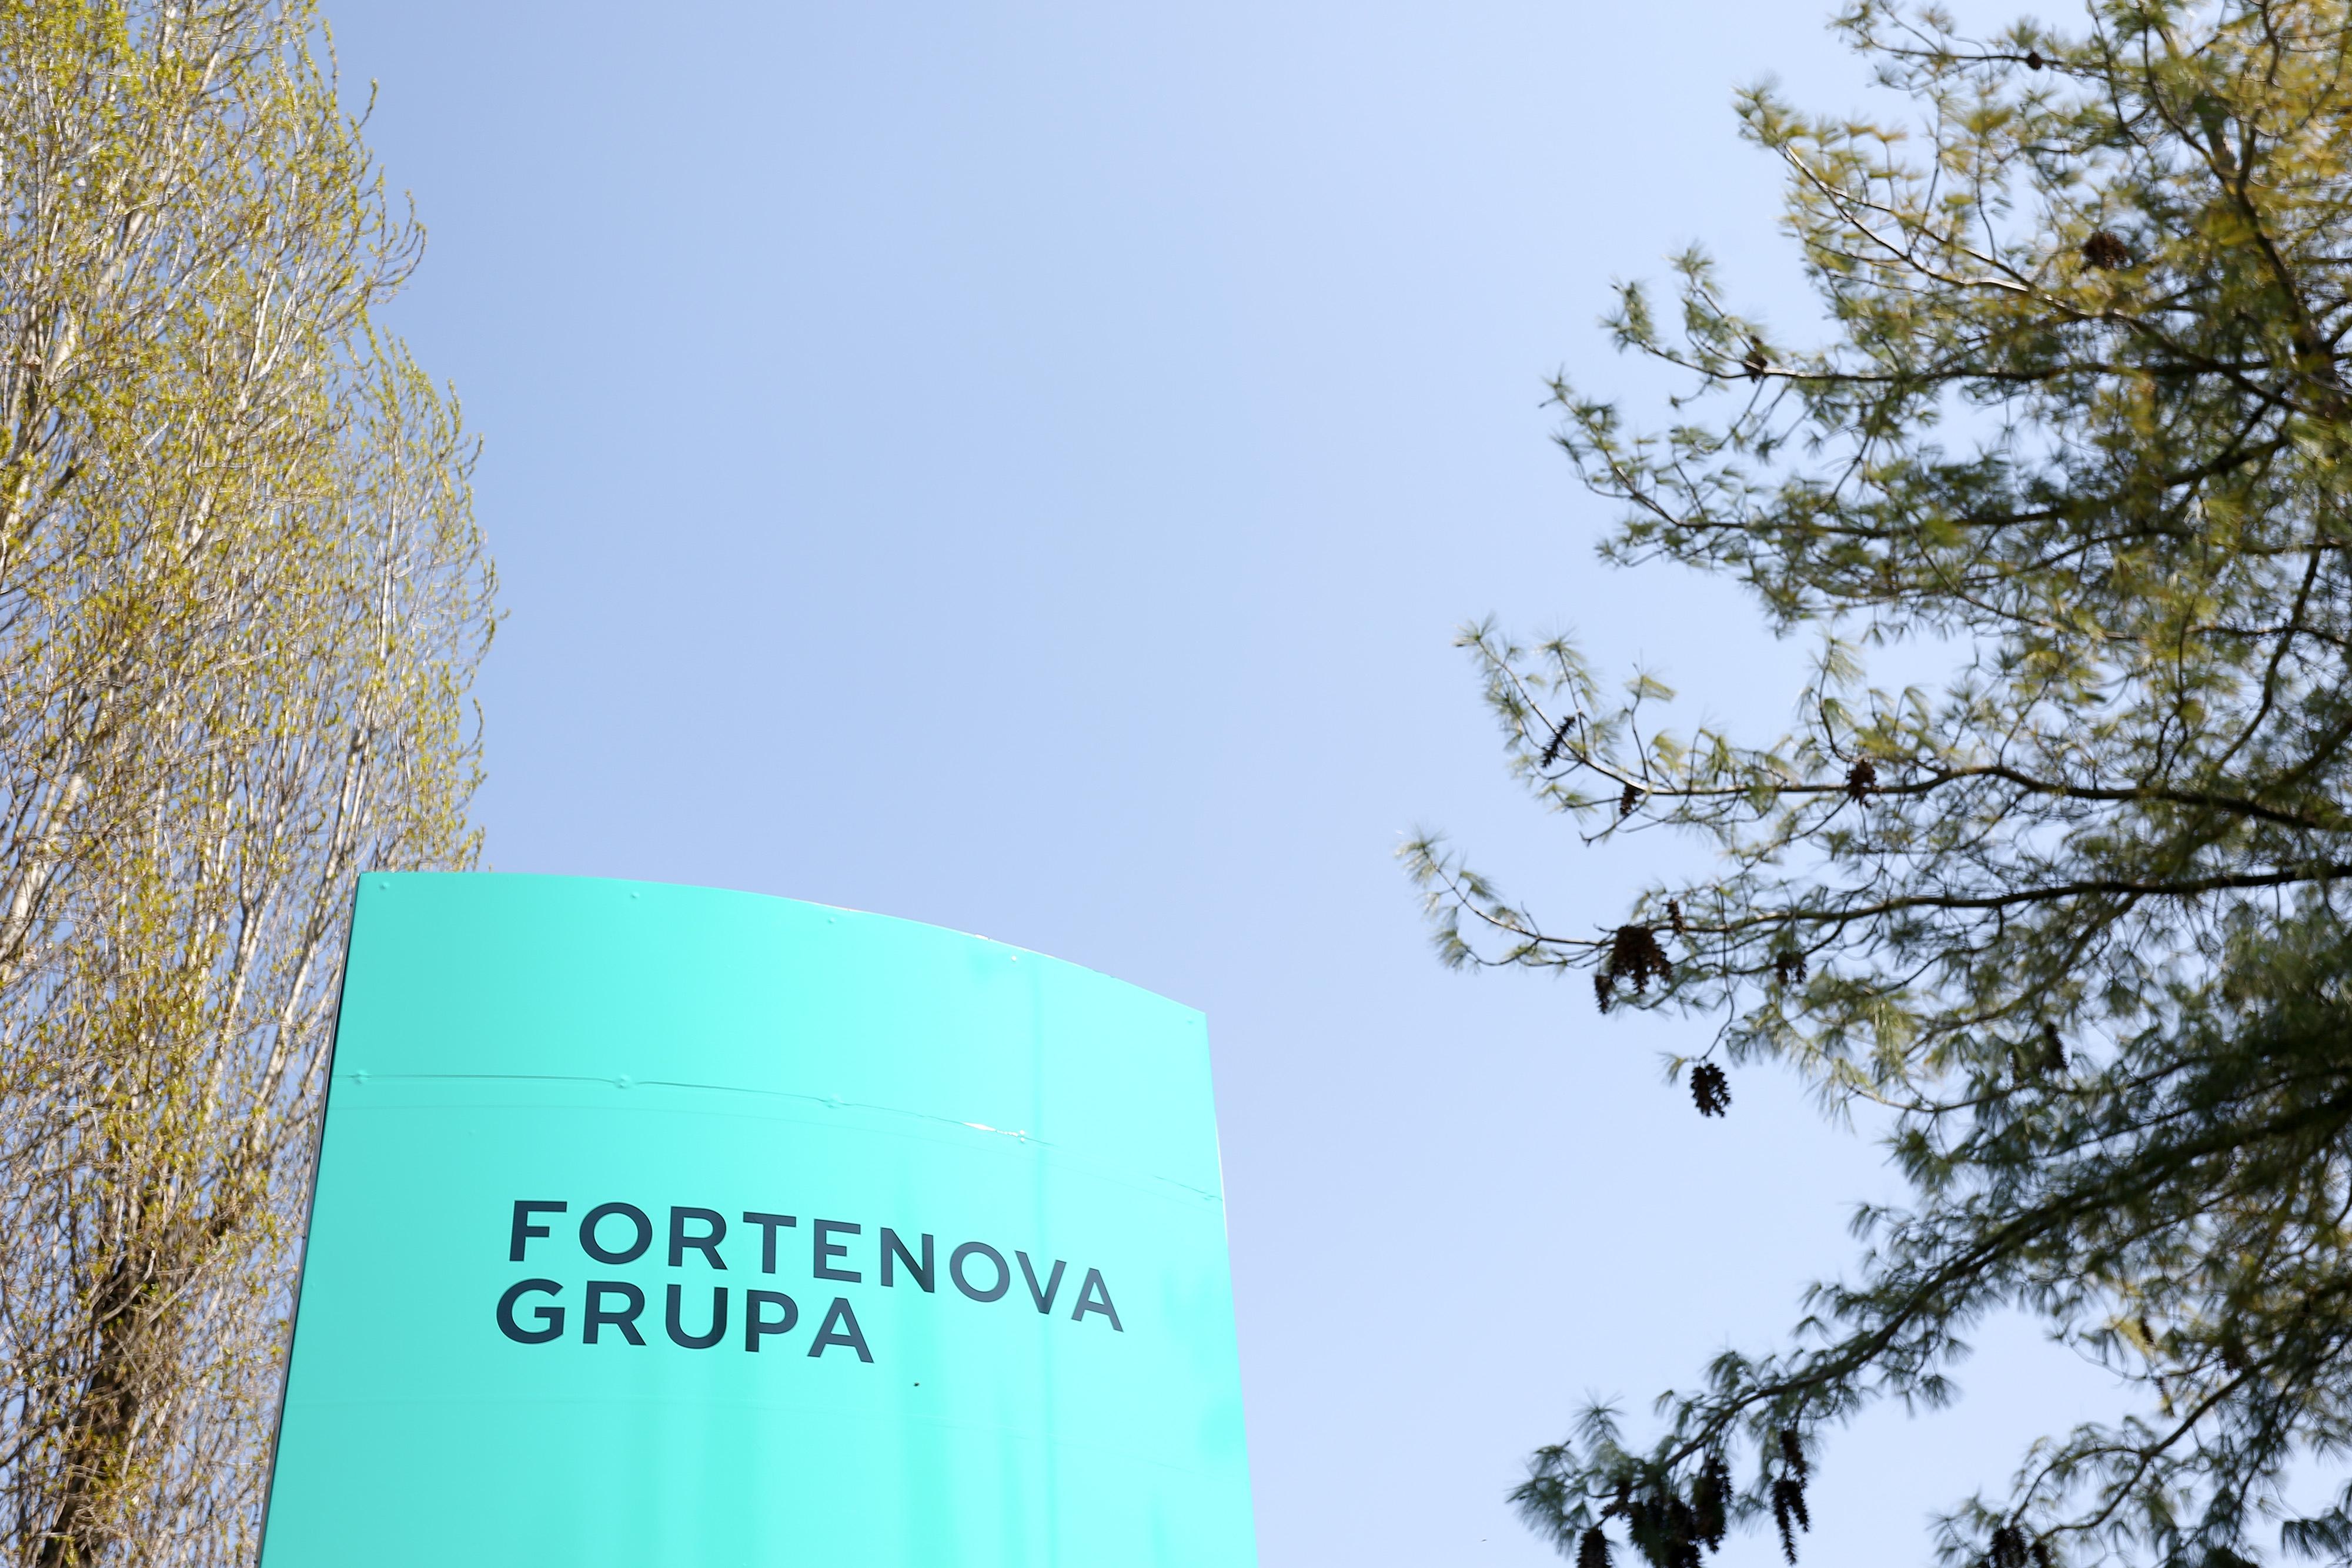 Fortenova grupa / Foto Borna FILIĆ/PIXSELL